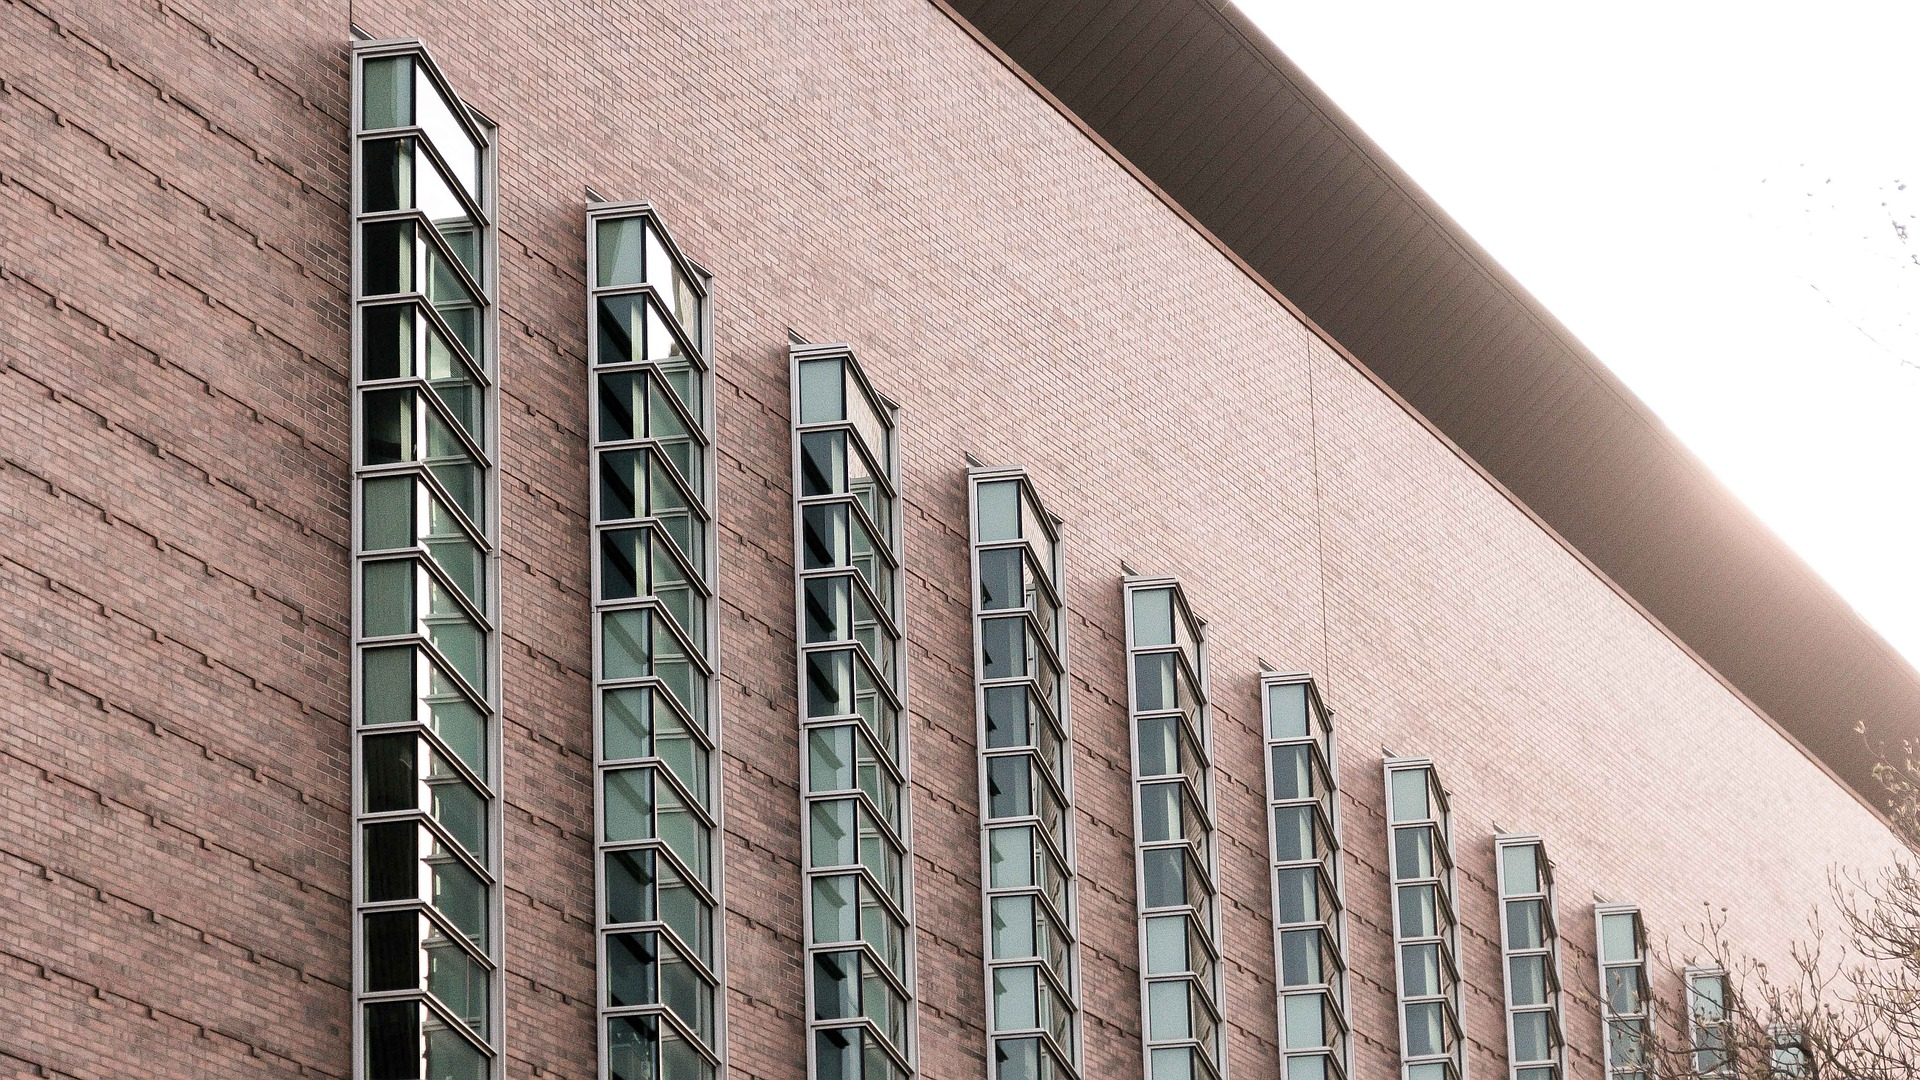 facade-731286_1920